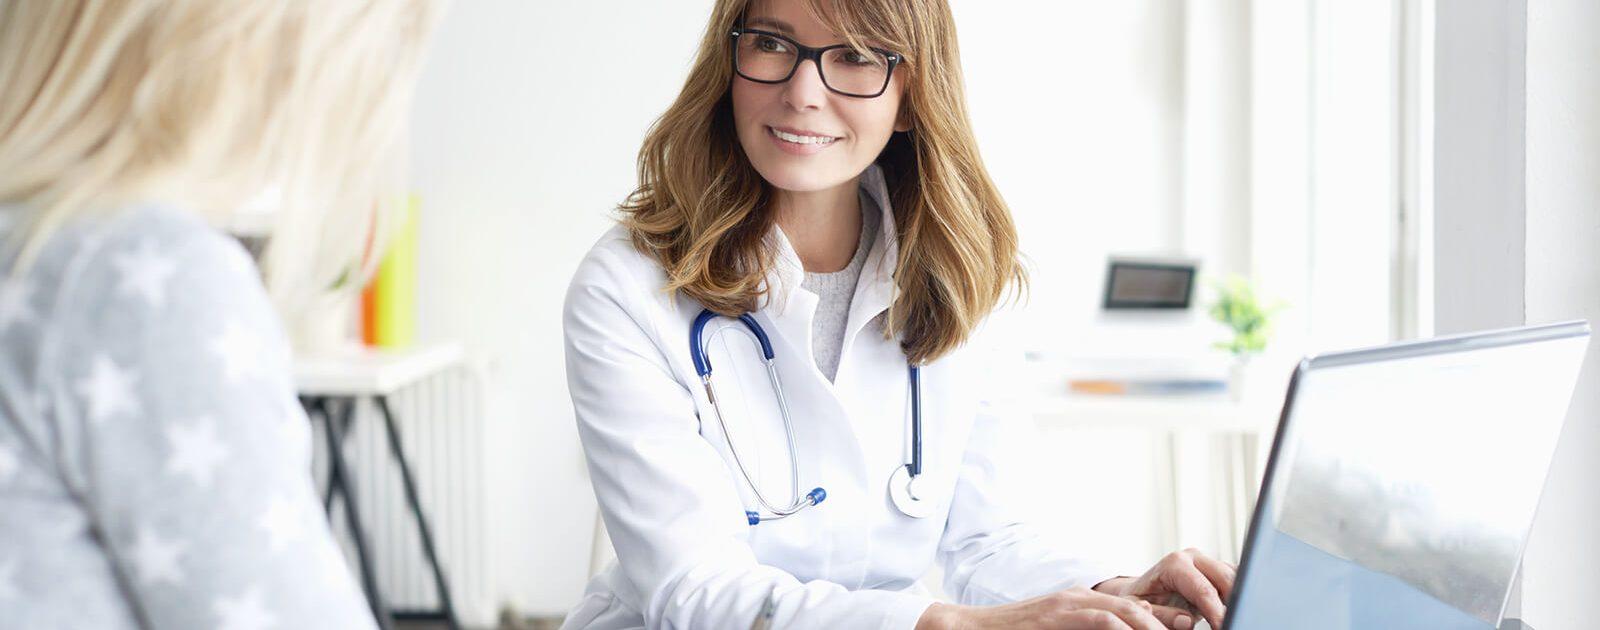 Ärztin klärt Patientin über die Behandlung von Hämorrhoiden auf